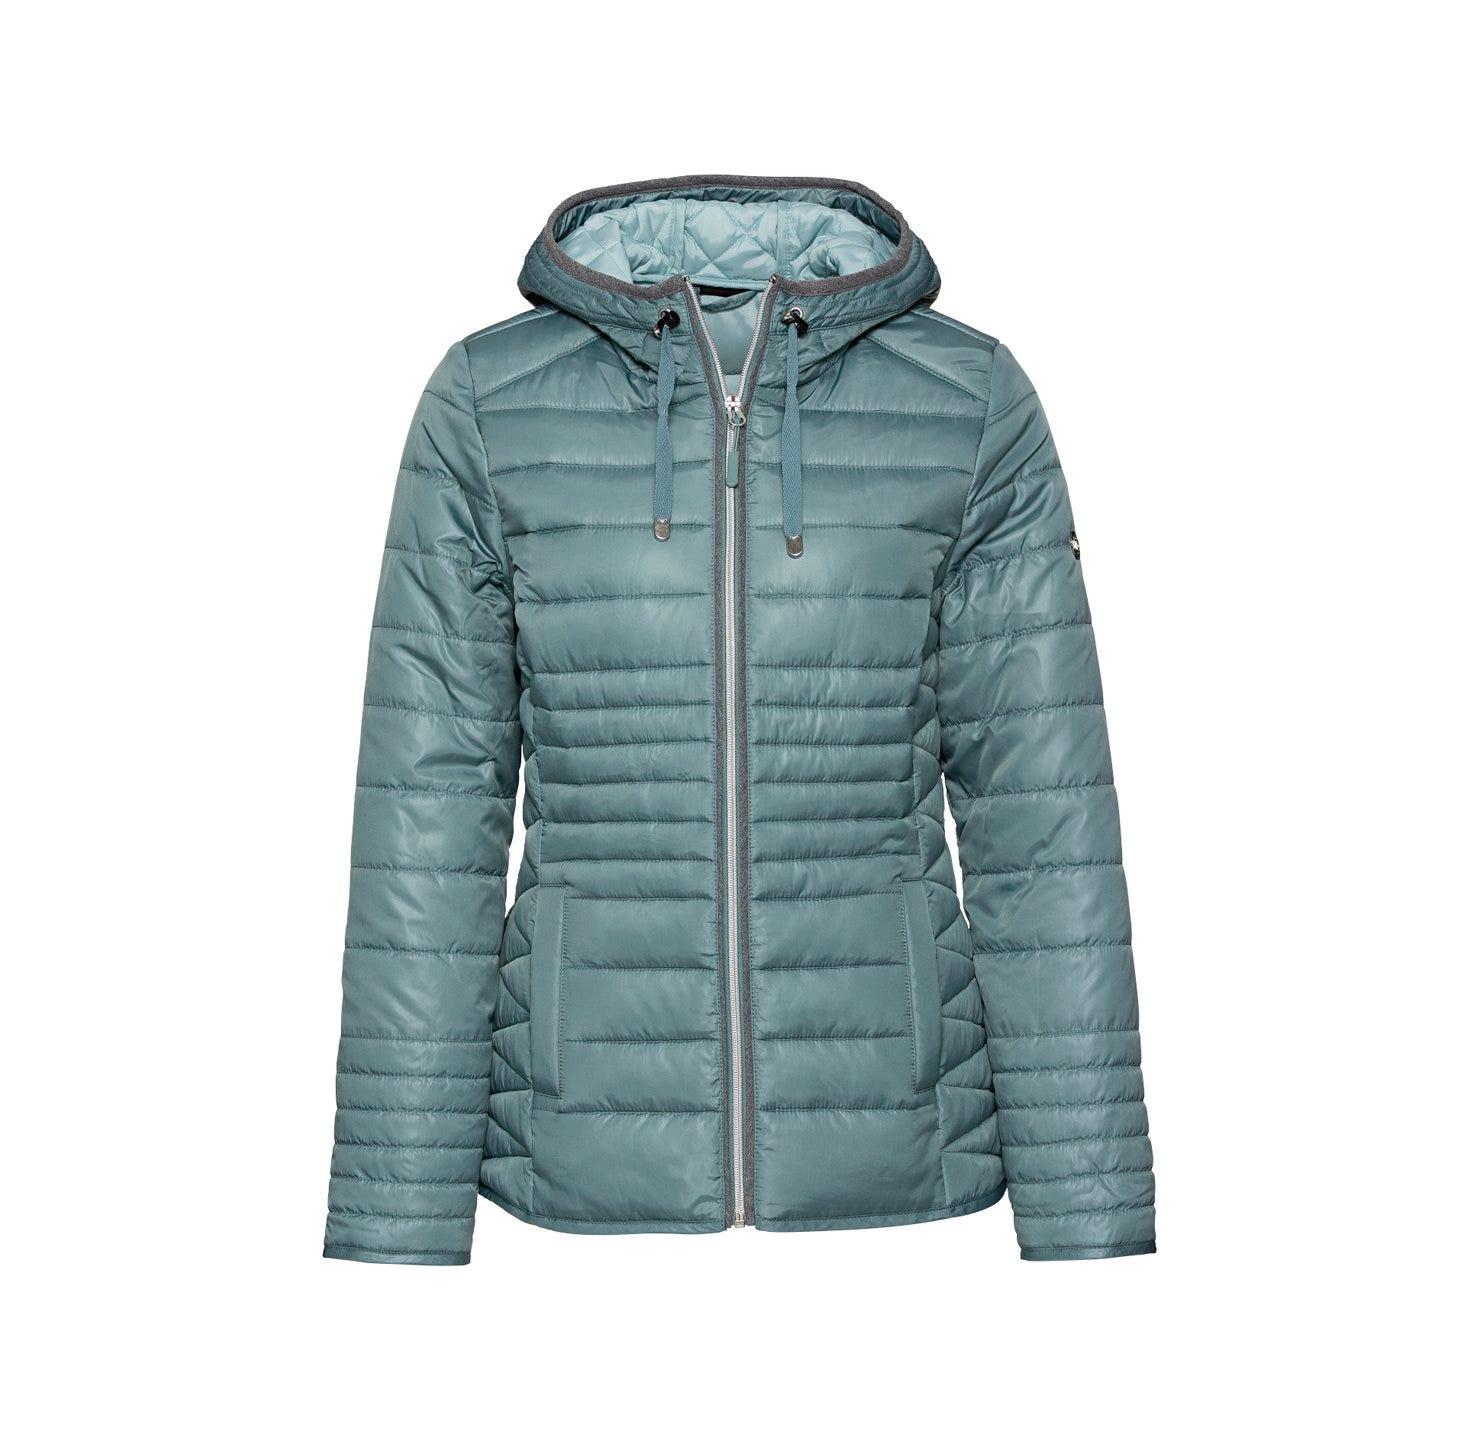 für Große KiK kaufen bei Damen Jacken günstig Größen pSqUzMV